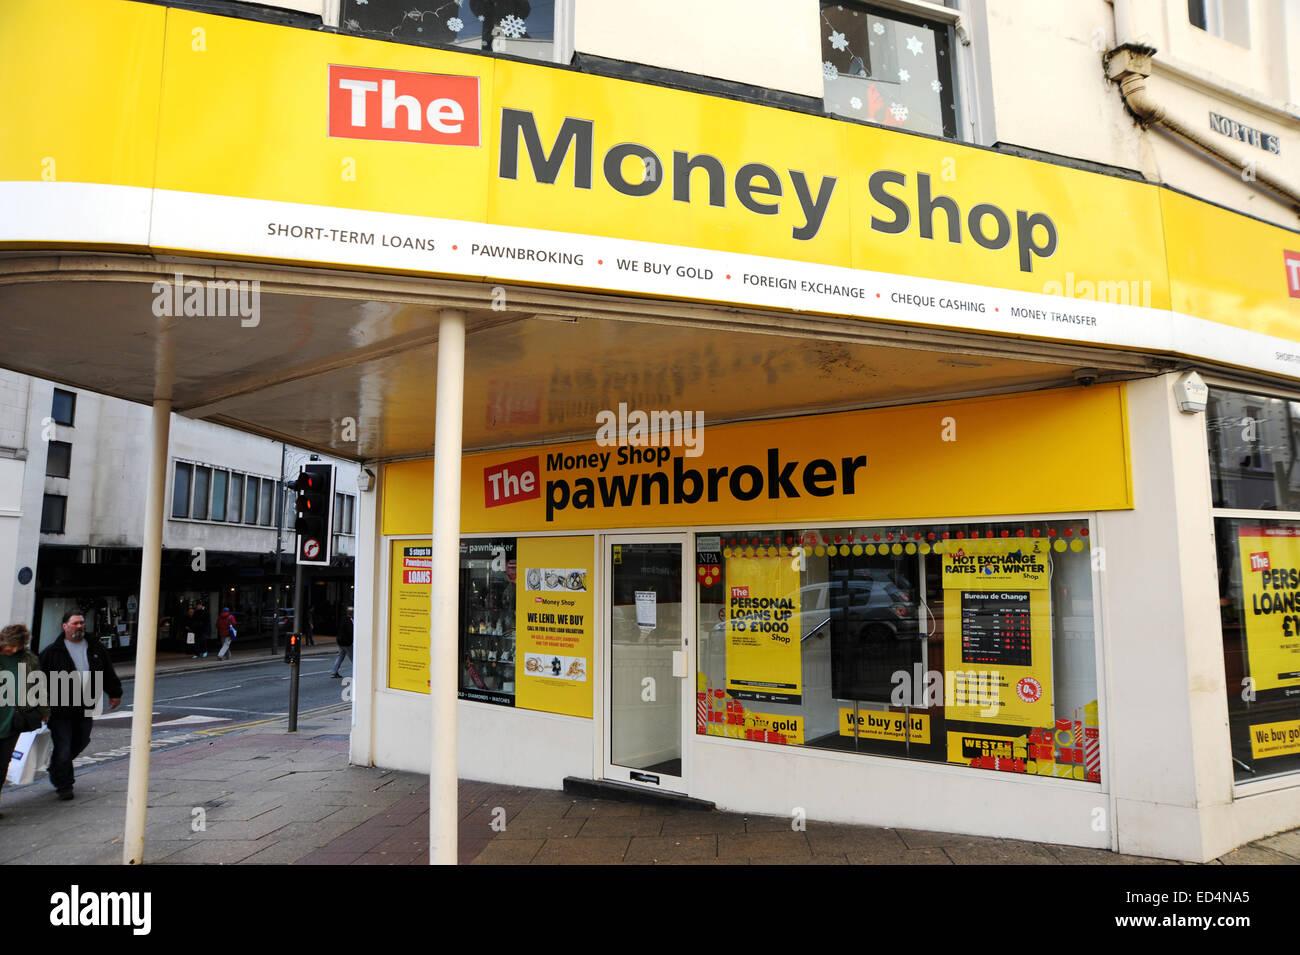 Gst on cash advances image 5